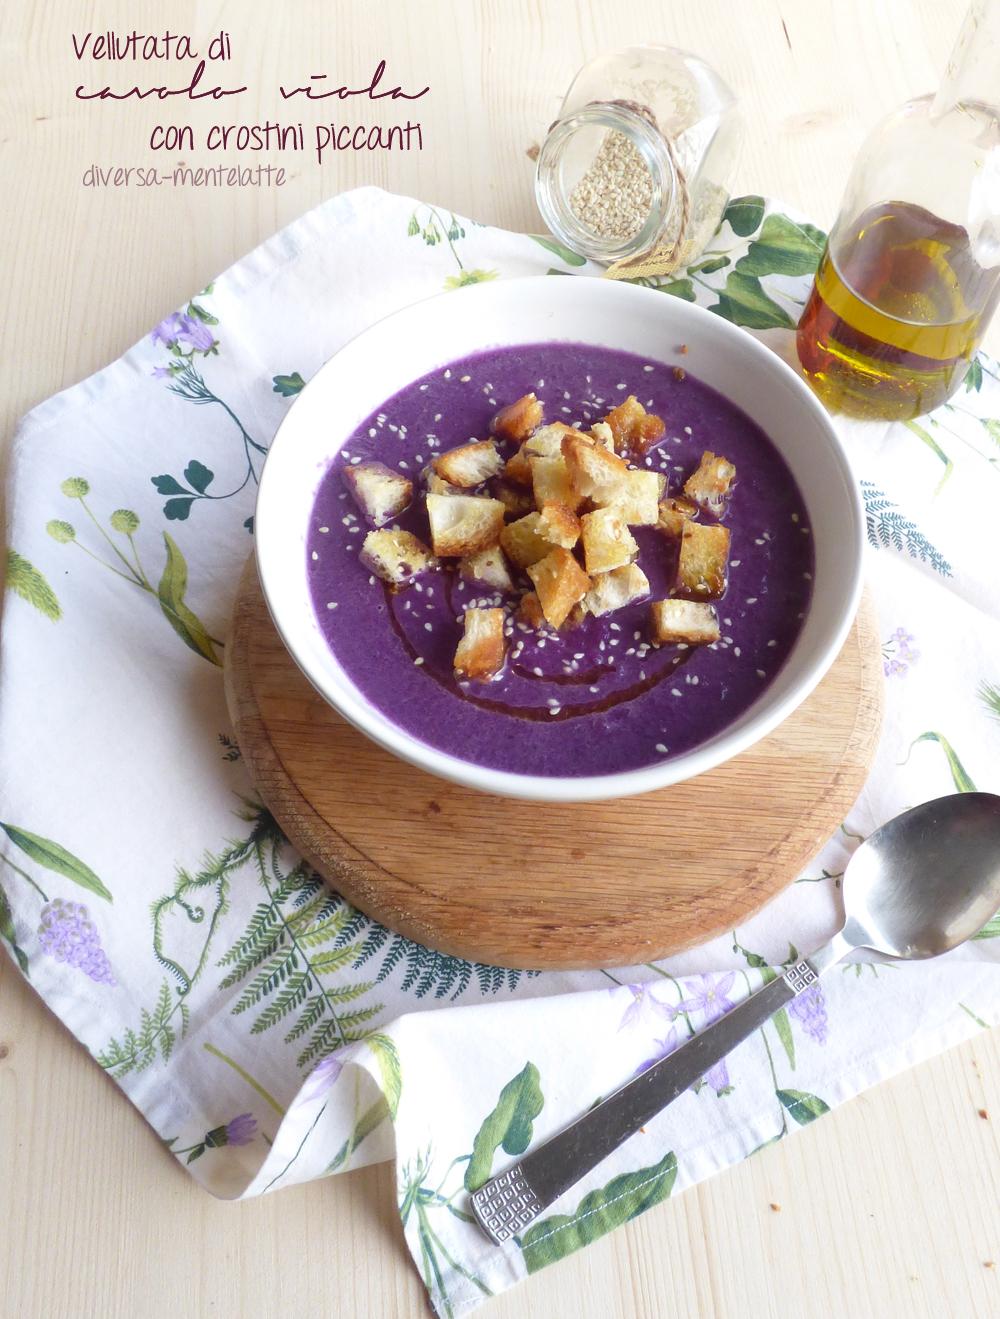 vellutata di cavolo viola e crostini piccanti